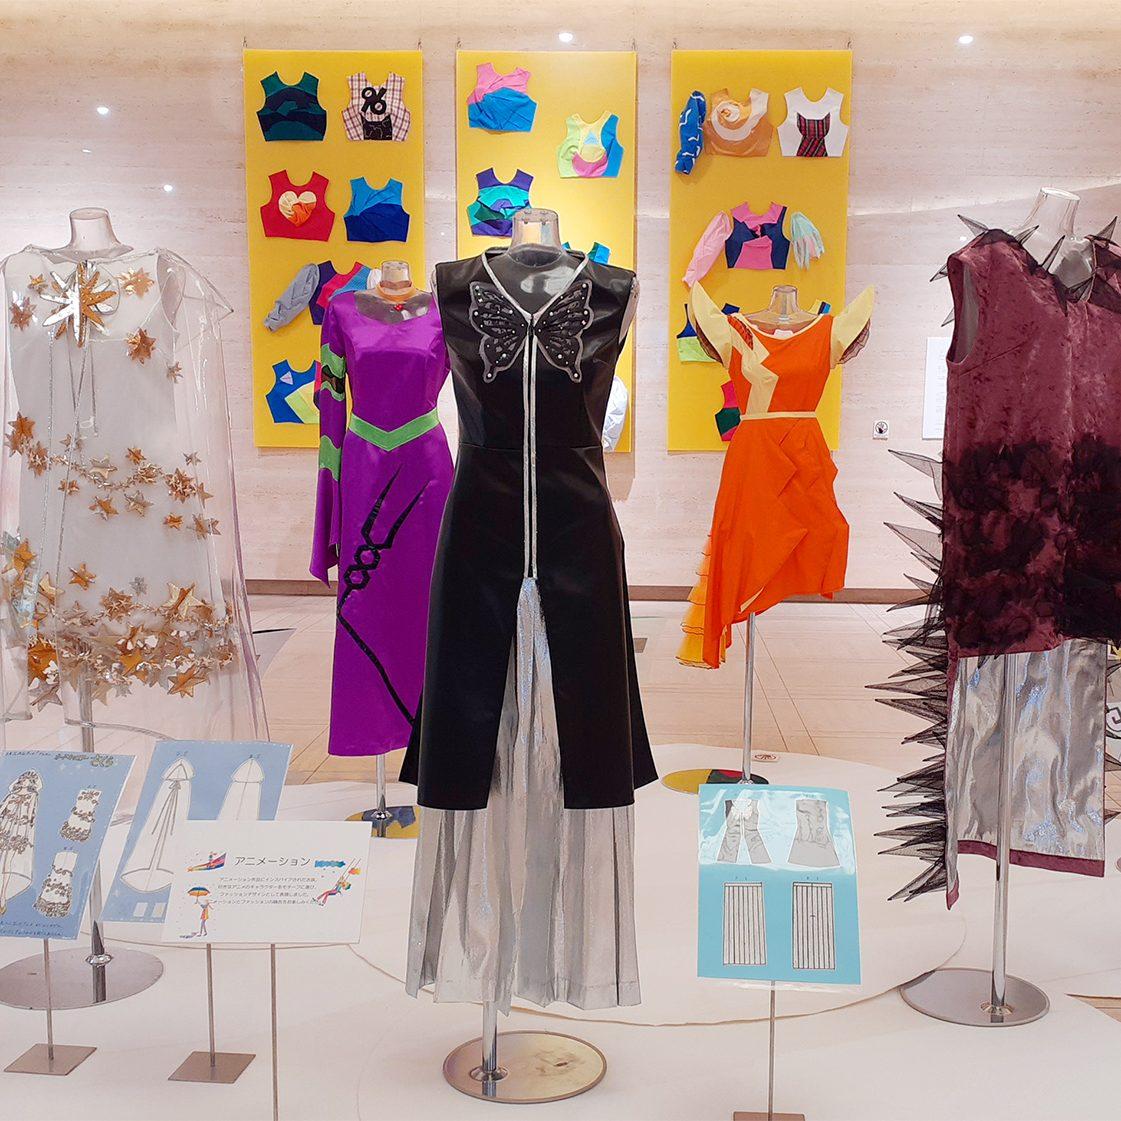 【イベント情報】神戸文化服装学院作品展「エンターテイメント~私たちのこころを楽しませてくれるもの~」開催中!